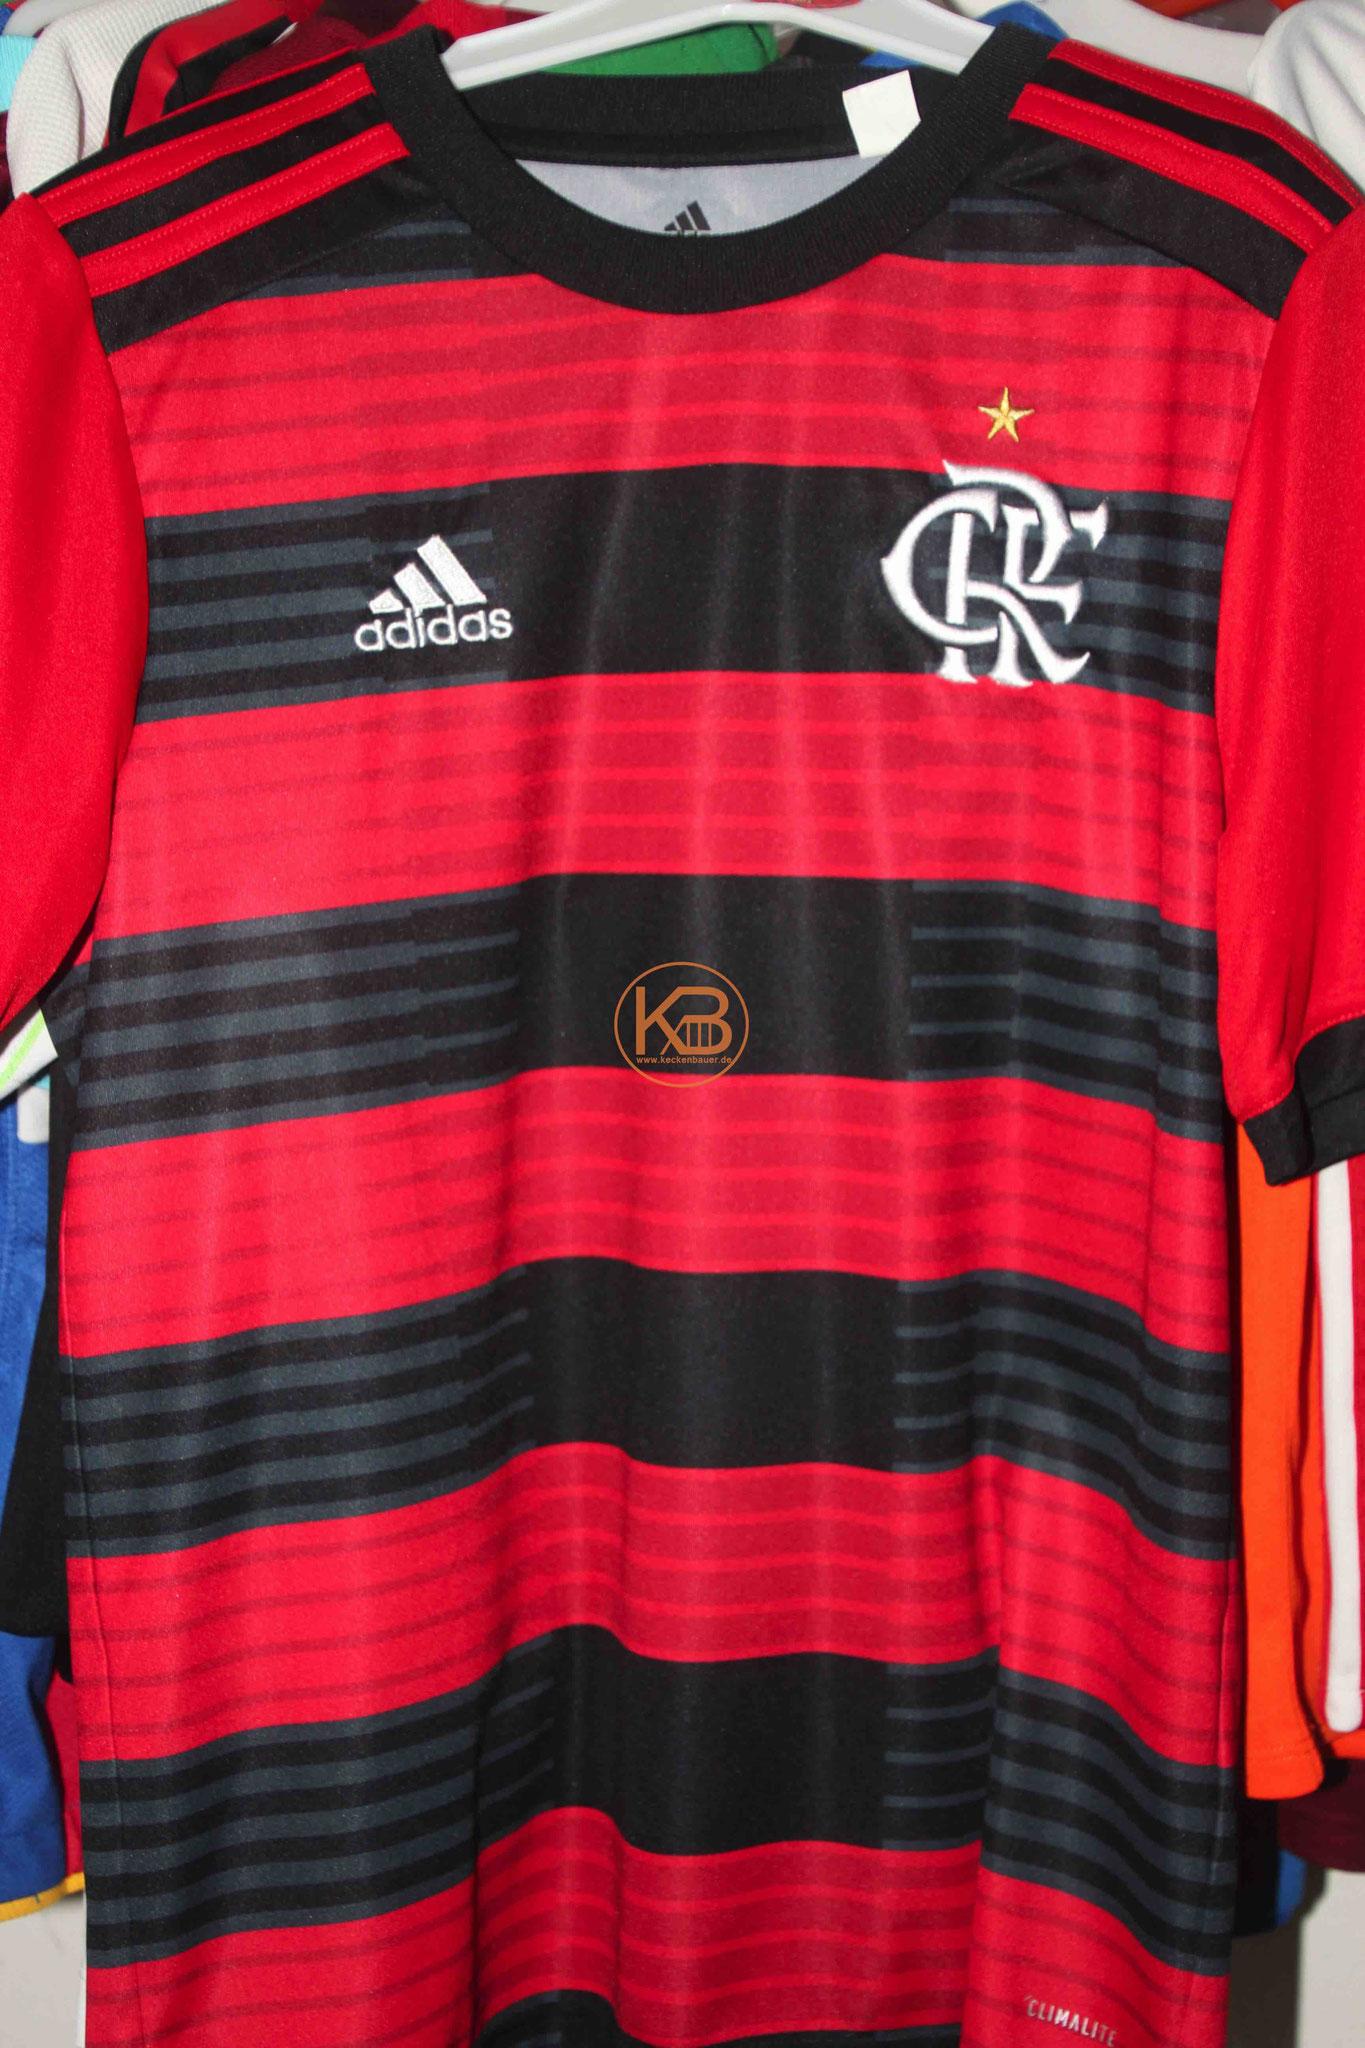 Adidas Trikot von Flamengo Rio de Janeiro